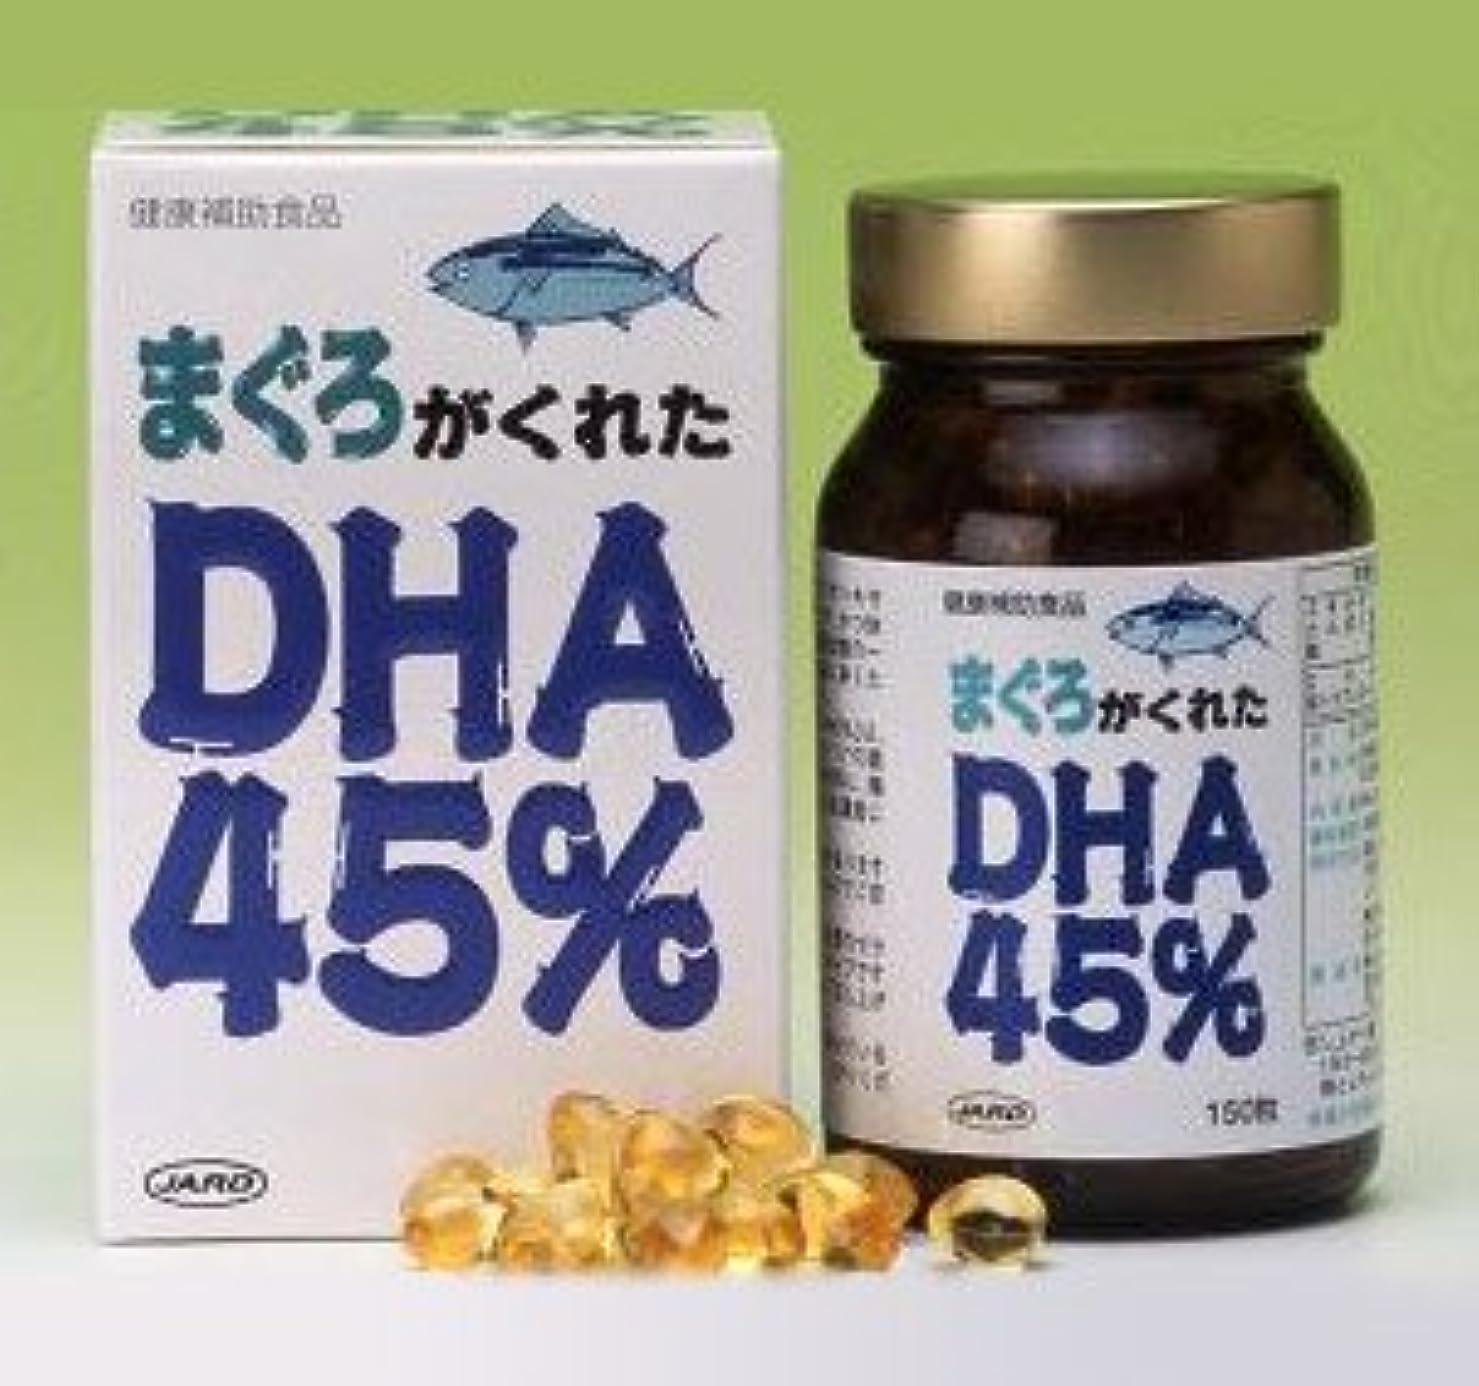 遅い作者トーストまぐろがくれたDHA45%(単品)ジャード